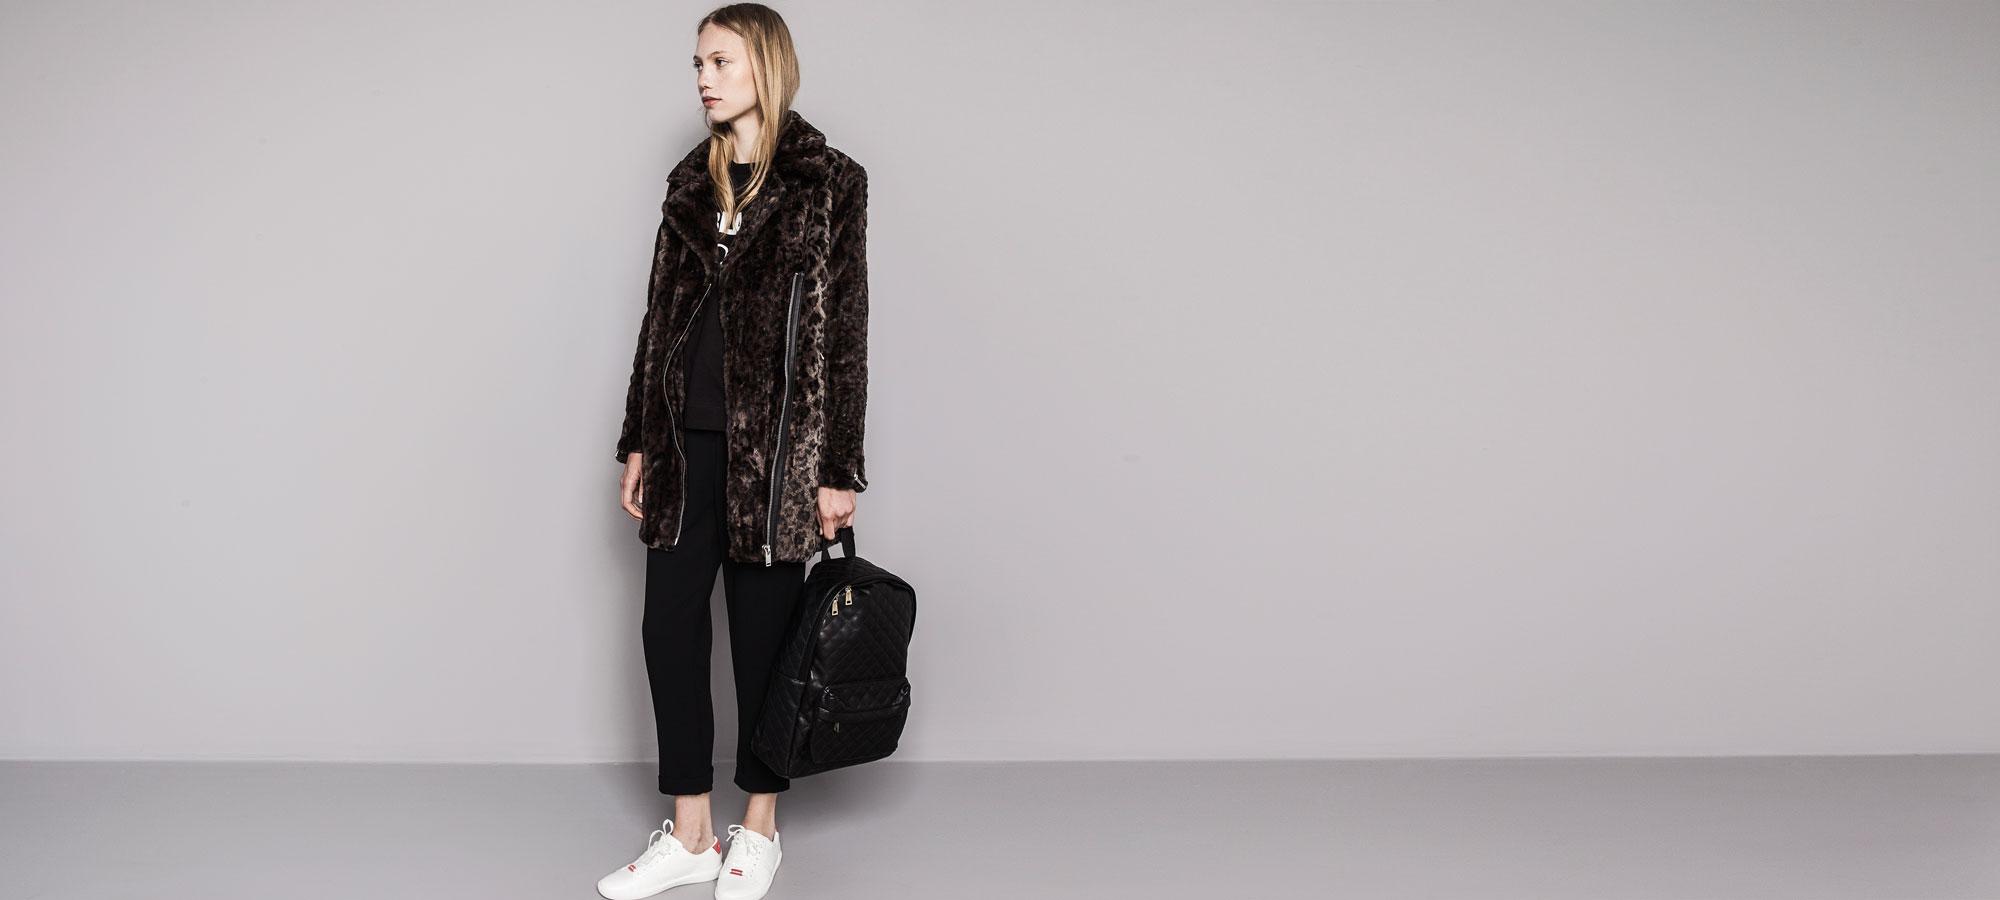 disfruta del precio inferior bien baratas adecuado para hombres/mujeres ABRIGO PELO LEOPARDO – Estilos de moda – Moda, estilo y ...